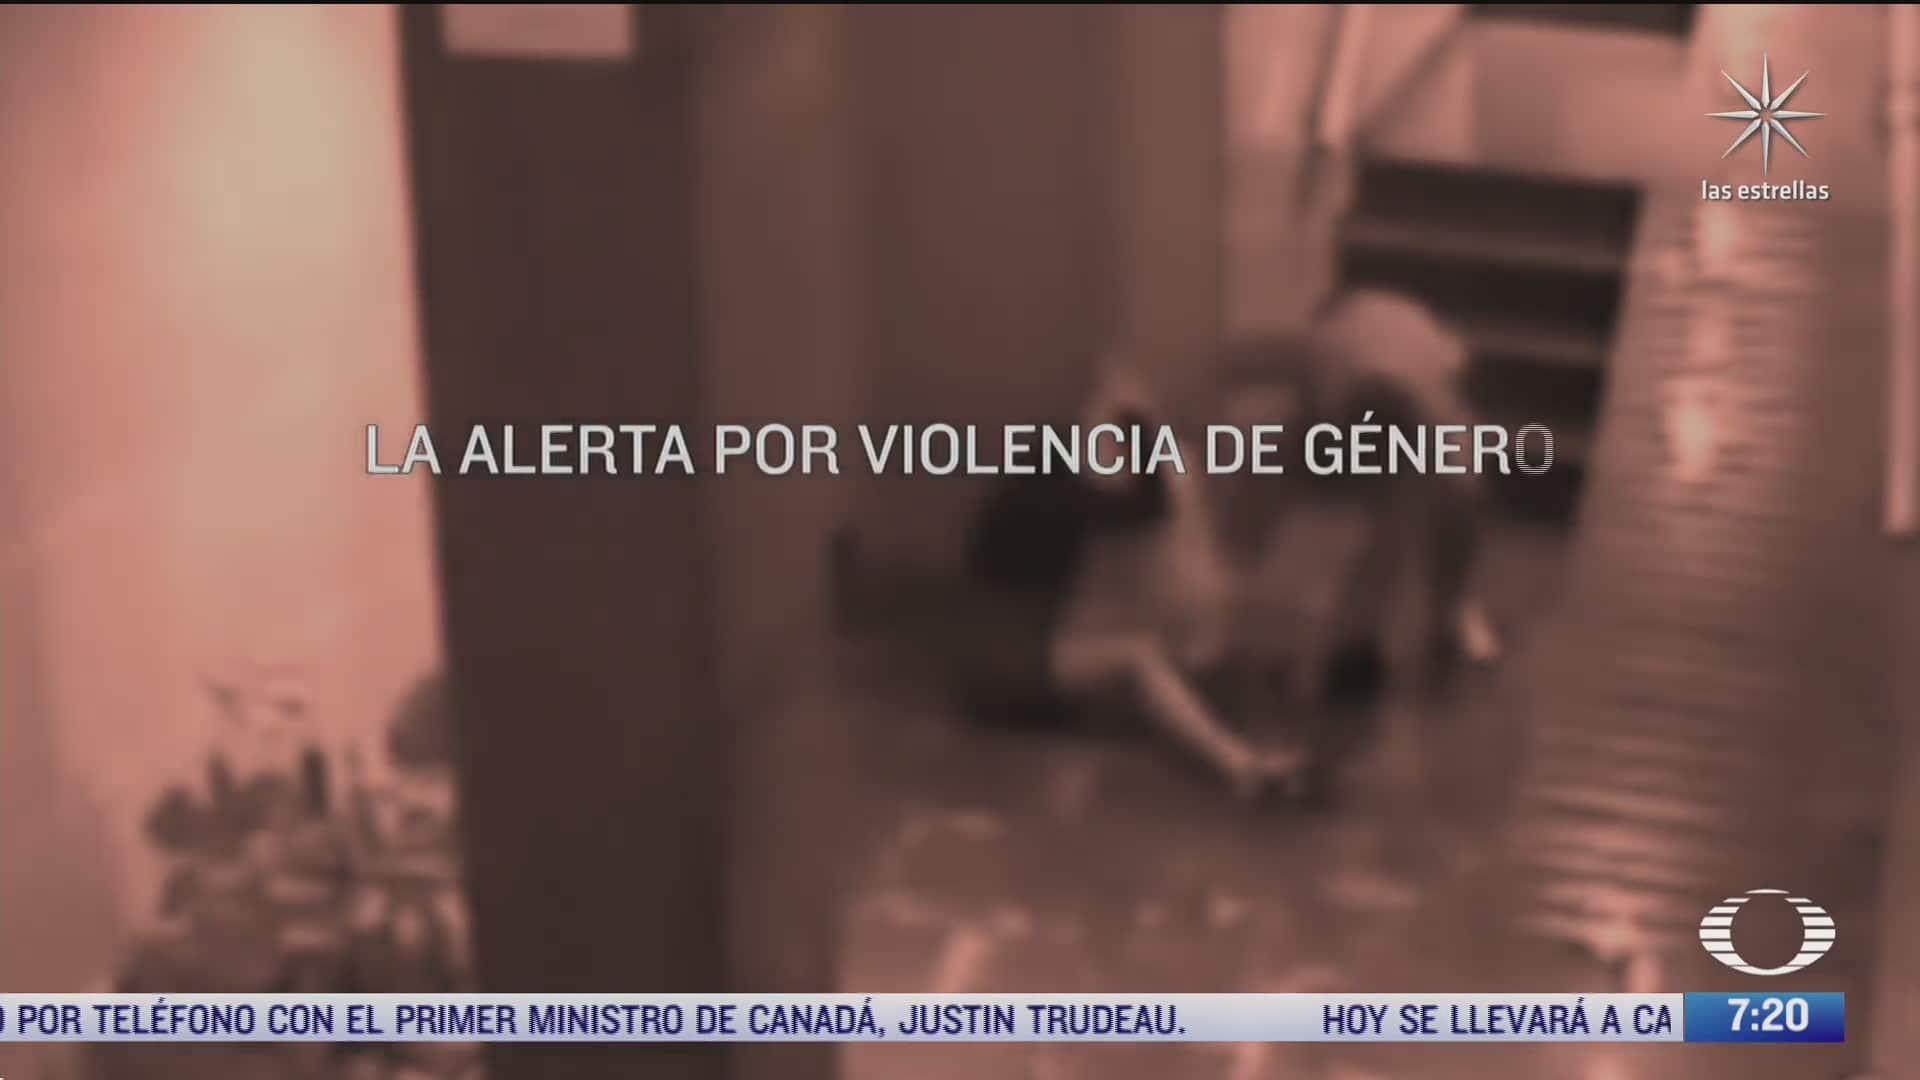 mujeres forman redes comunitarias para protegerse de la violencia en el estado de mexico